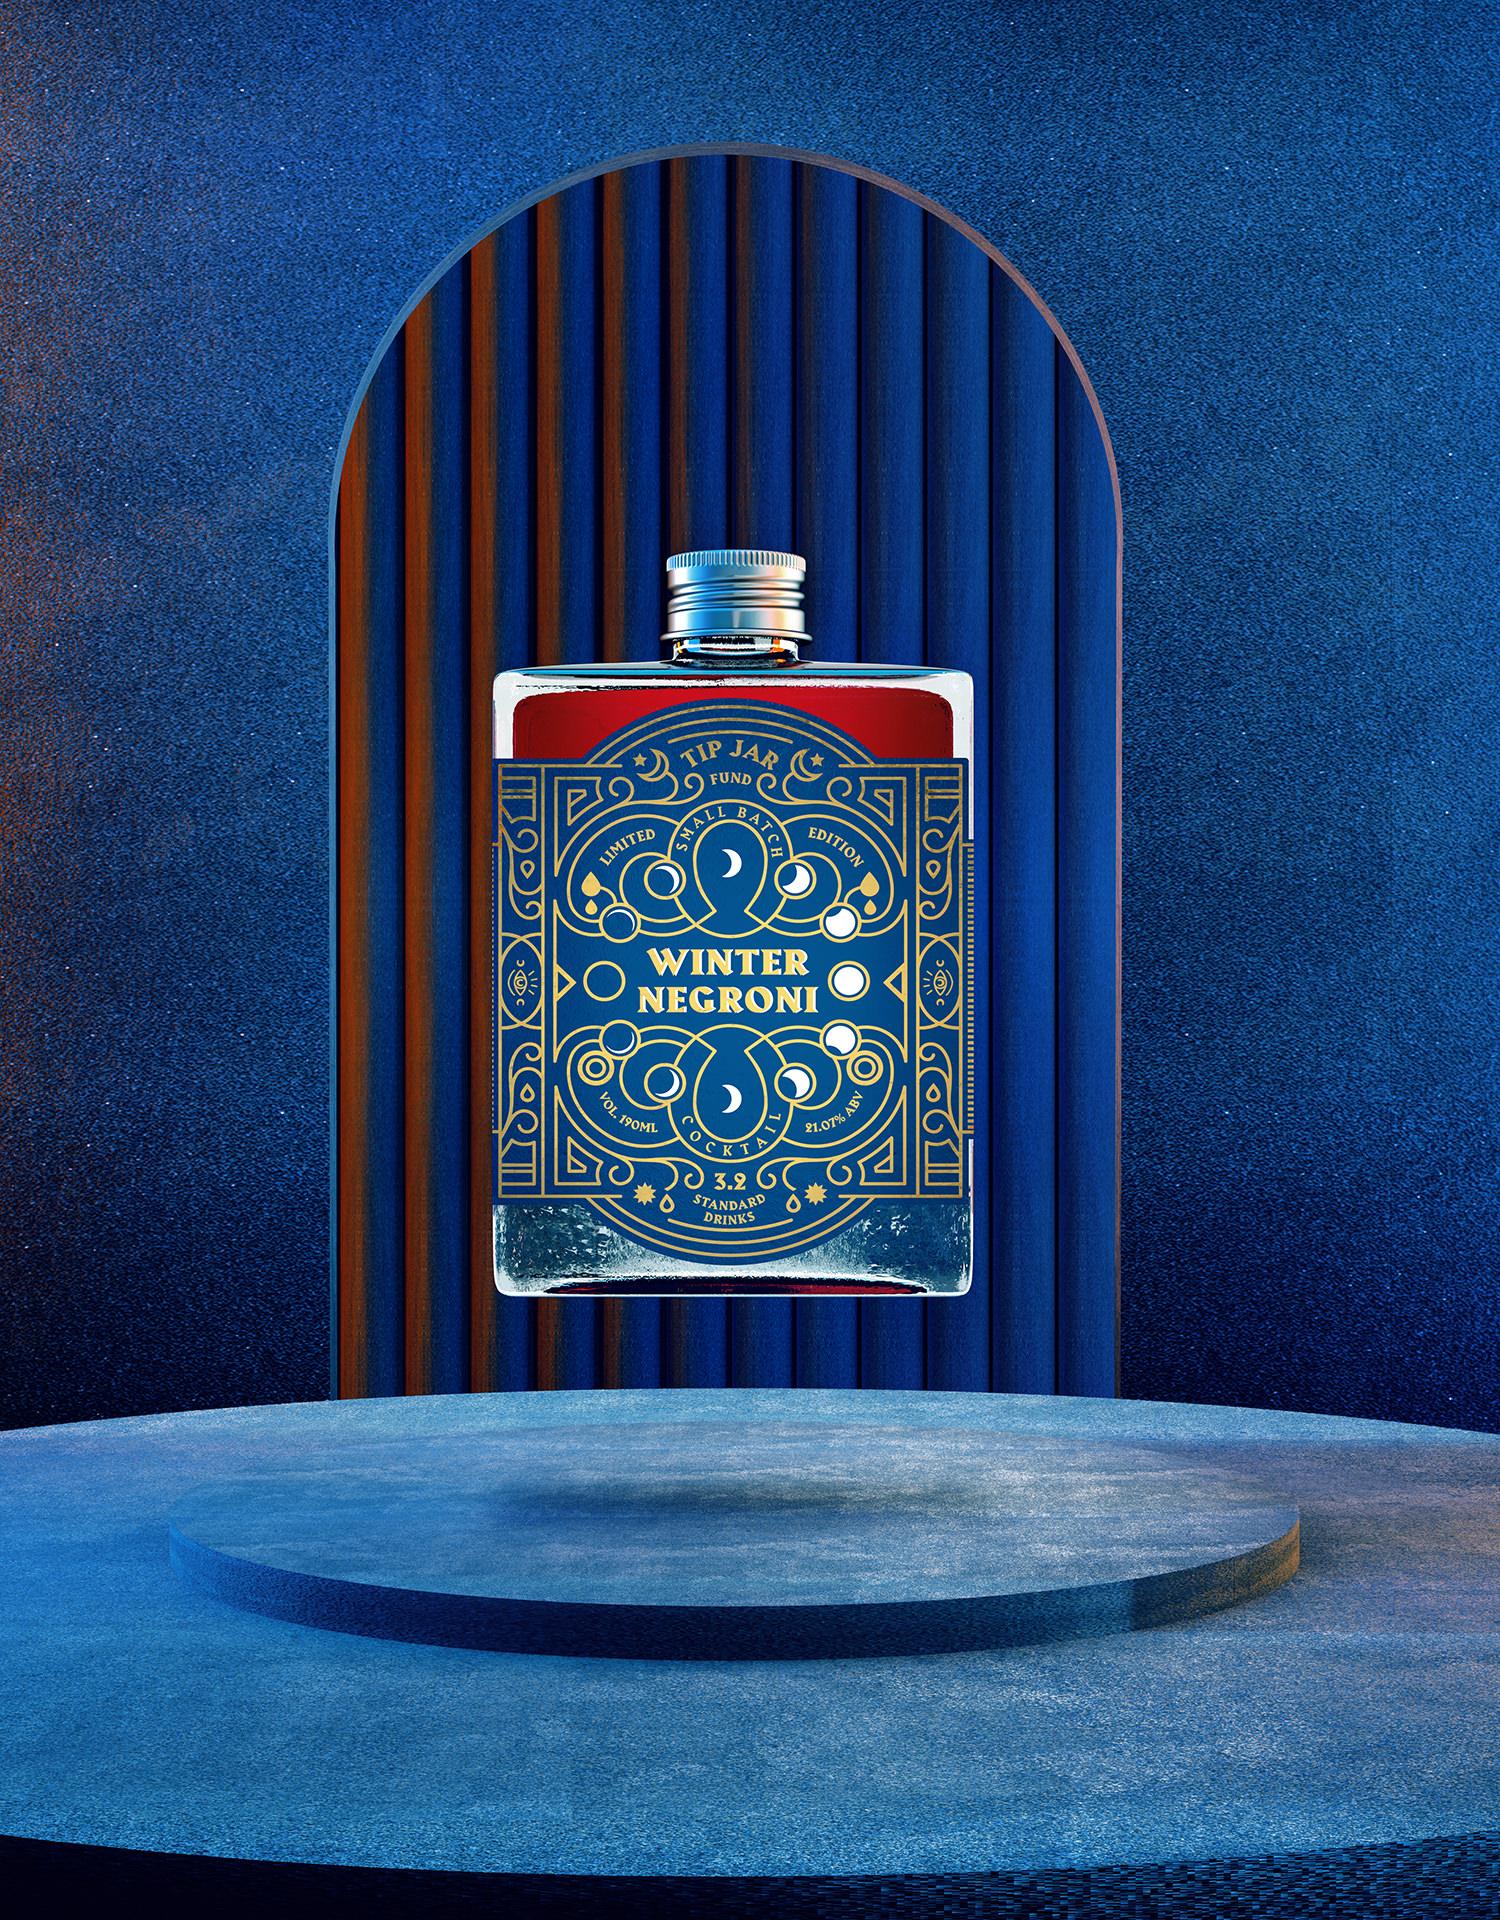 Jack Hawkins Creative Design Tip Jars Mystic Identity Bringing Back Joy to Bottled Cocktails